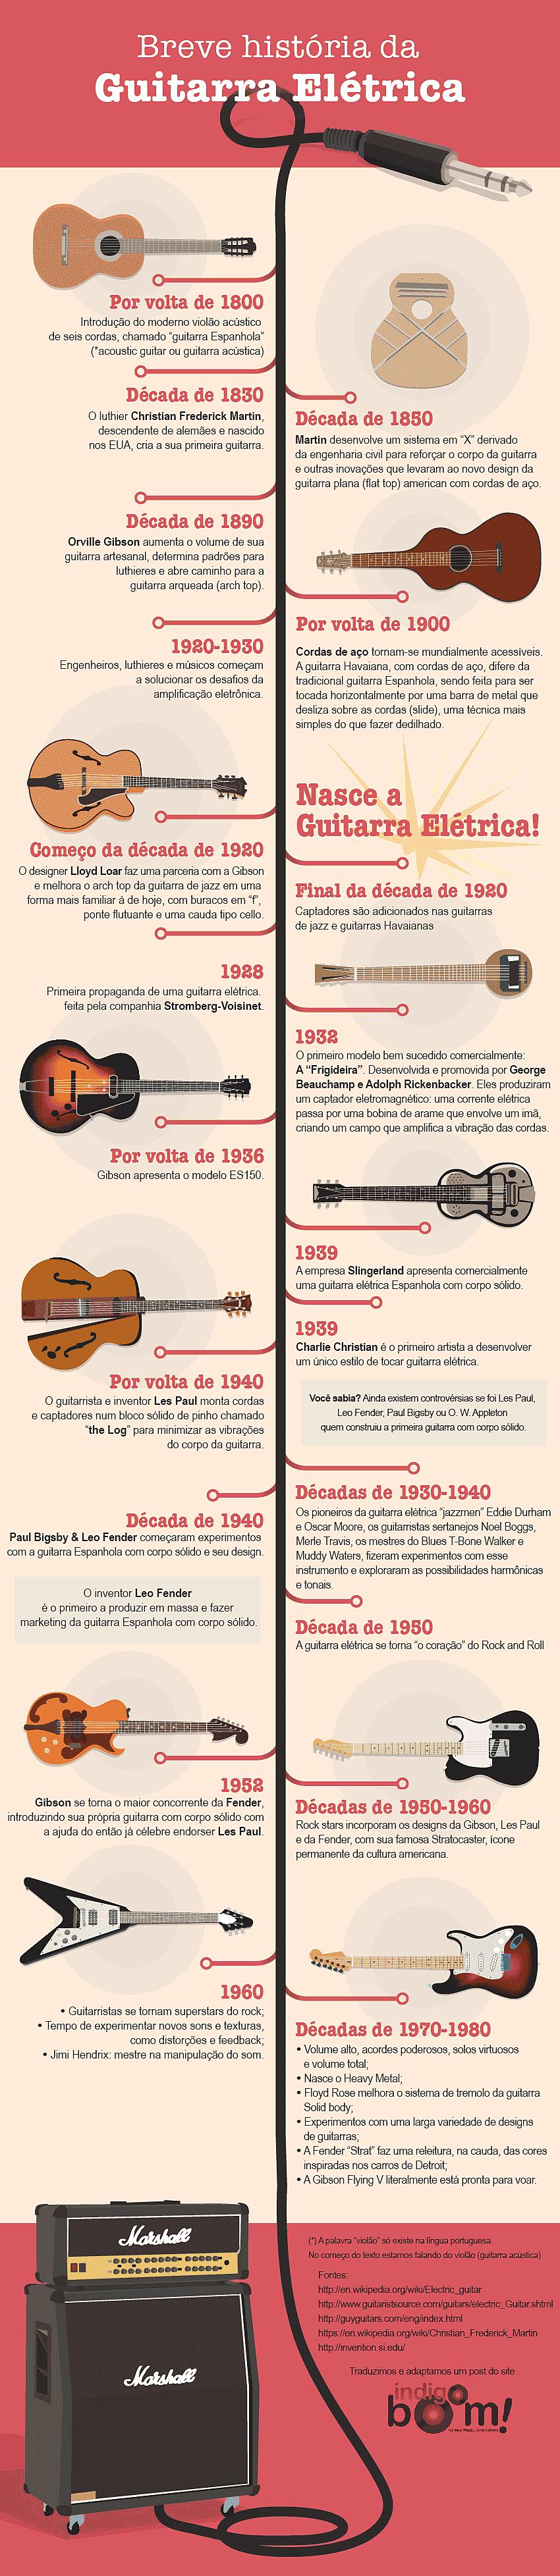 breve história da guitarra elétrica